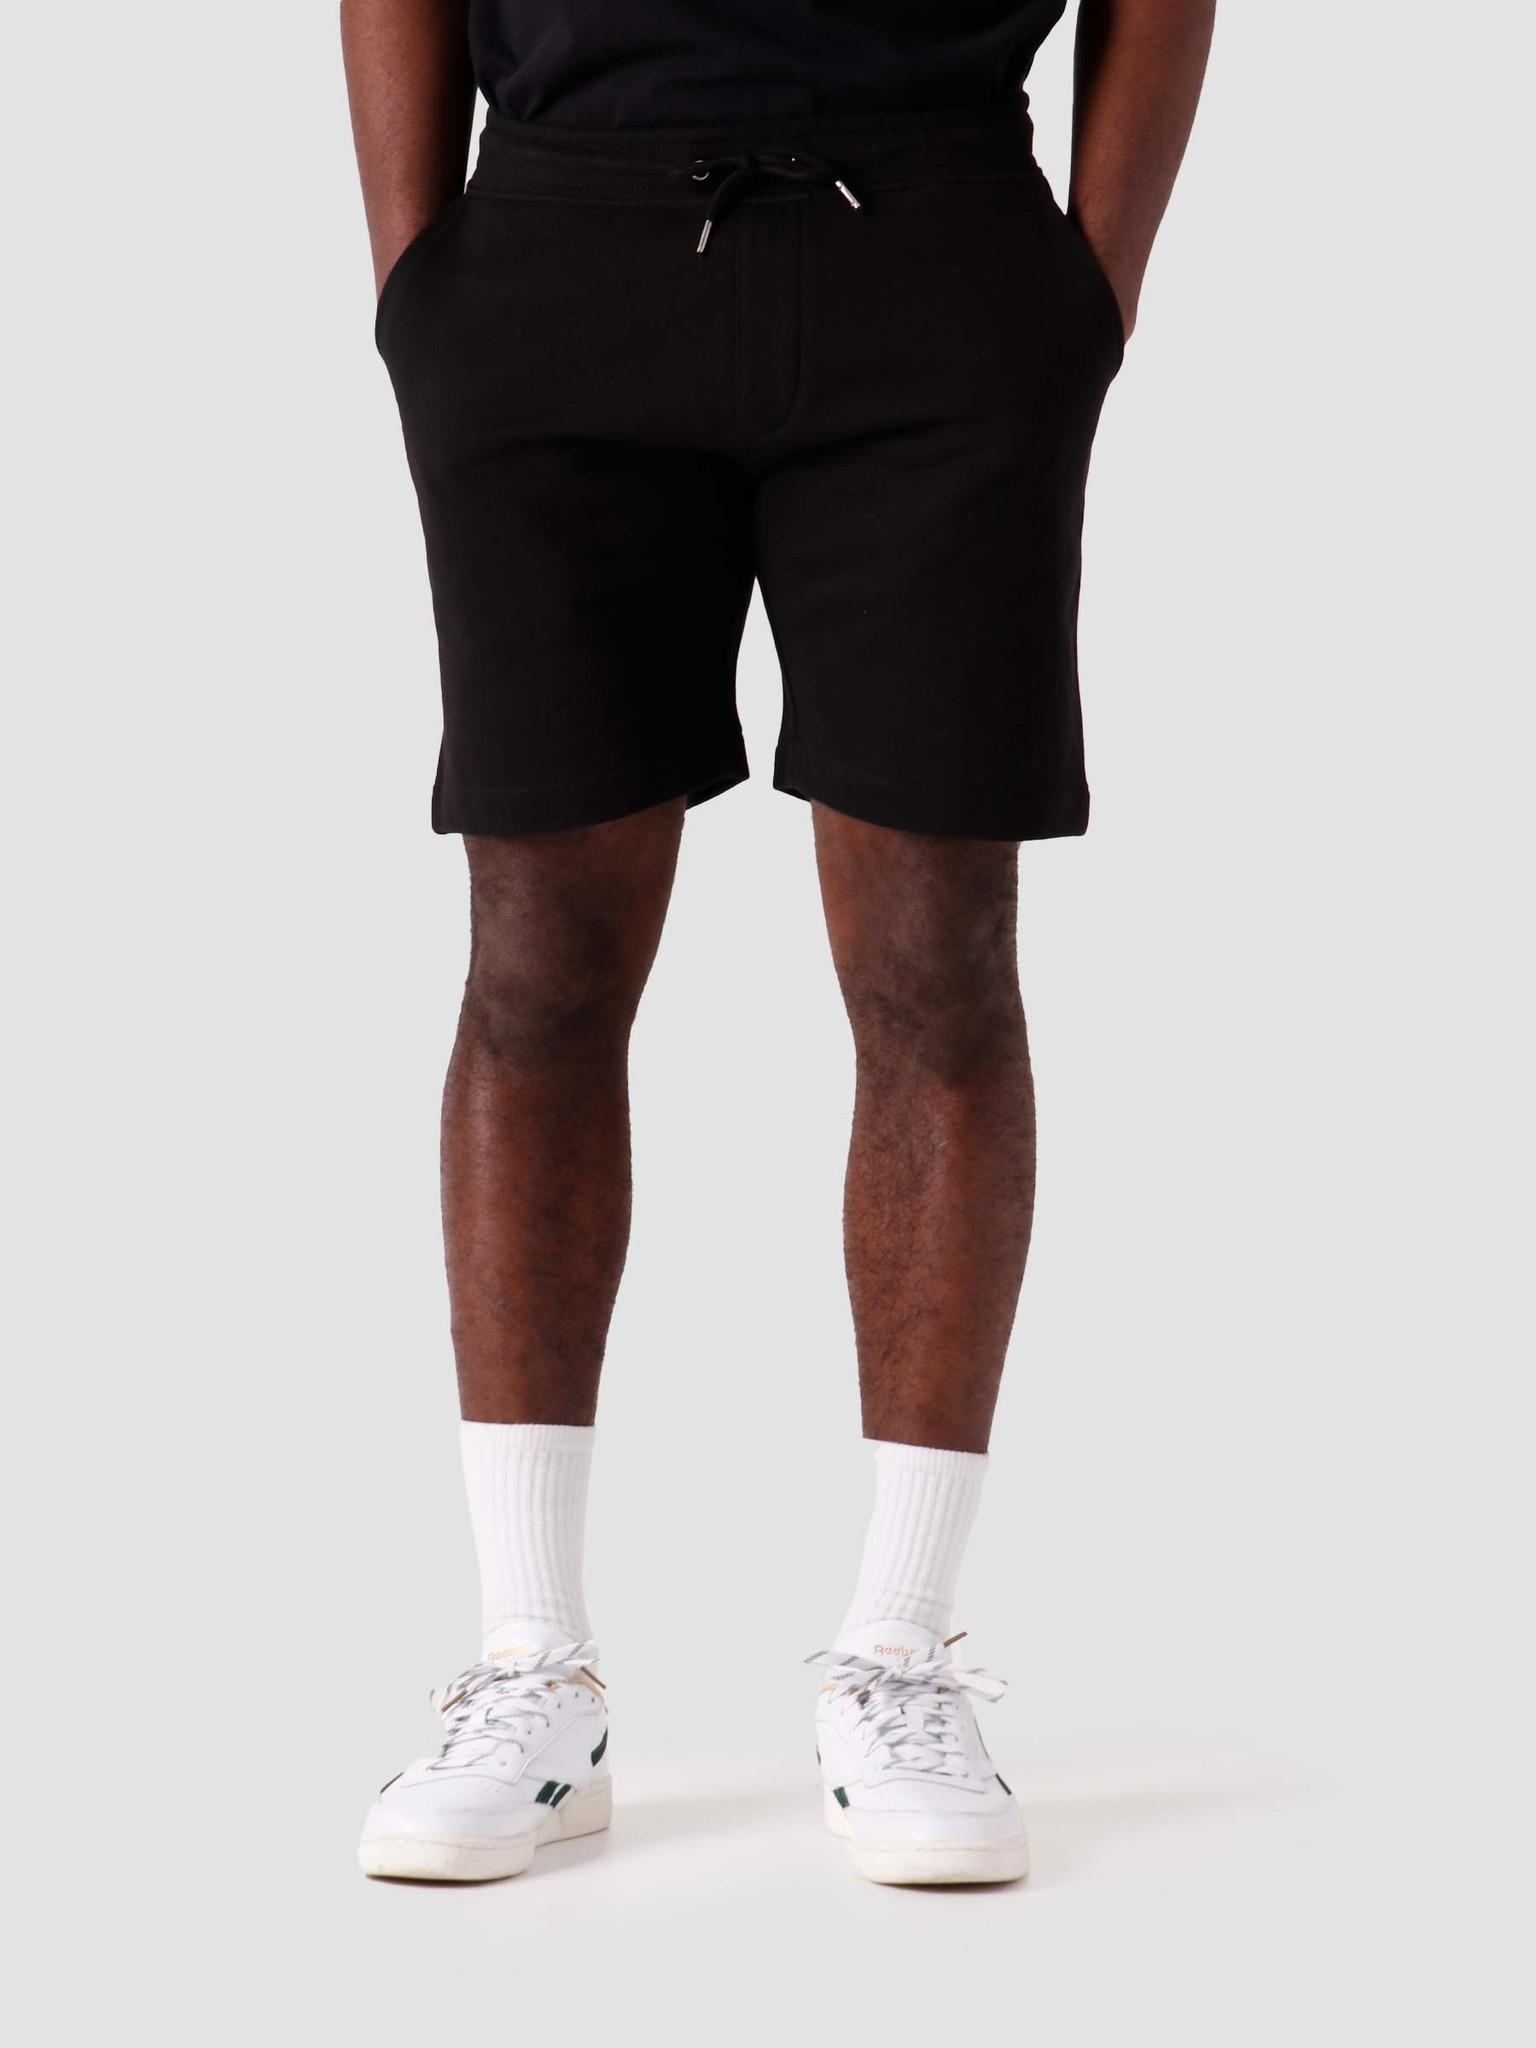 Quality Blanks Quality Blanks QB30 Sweat Short Black